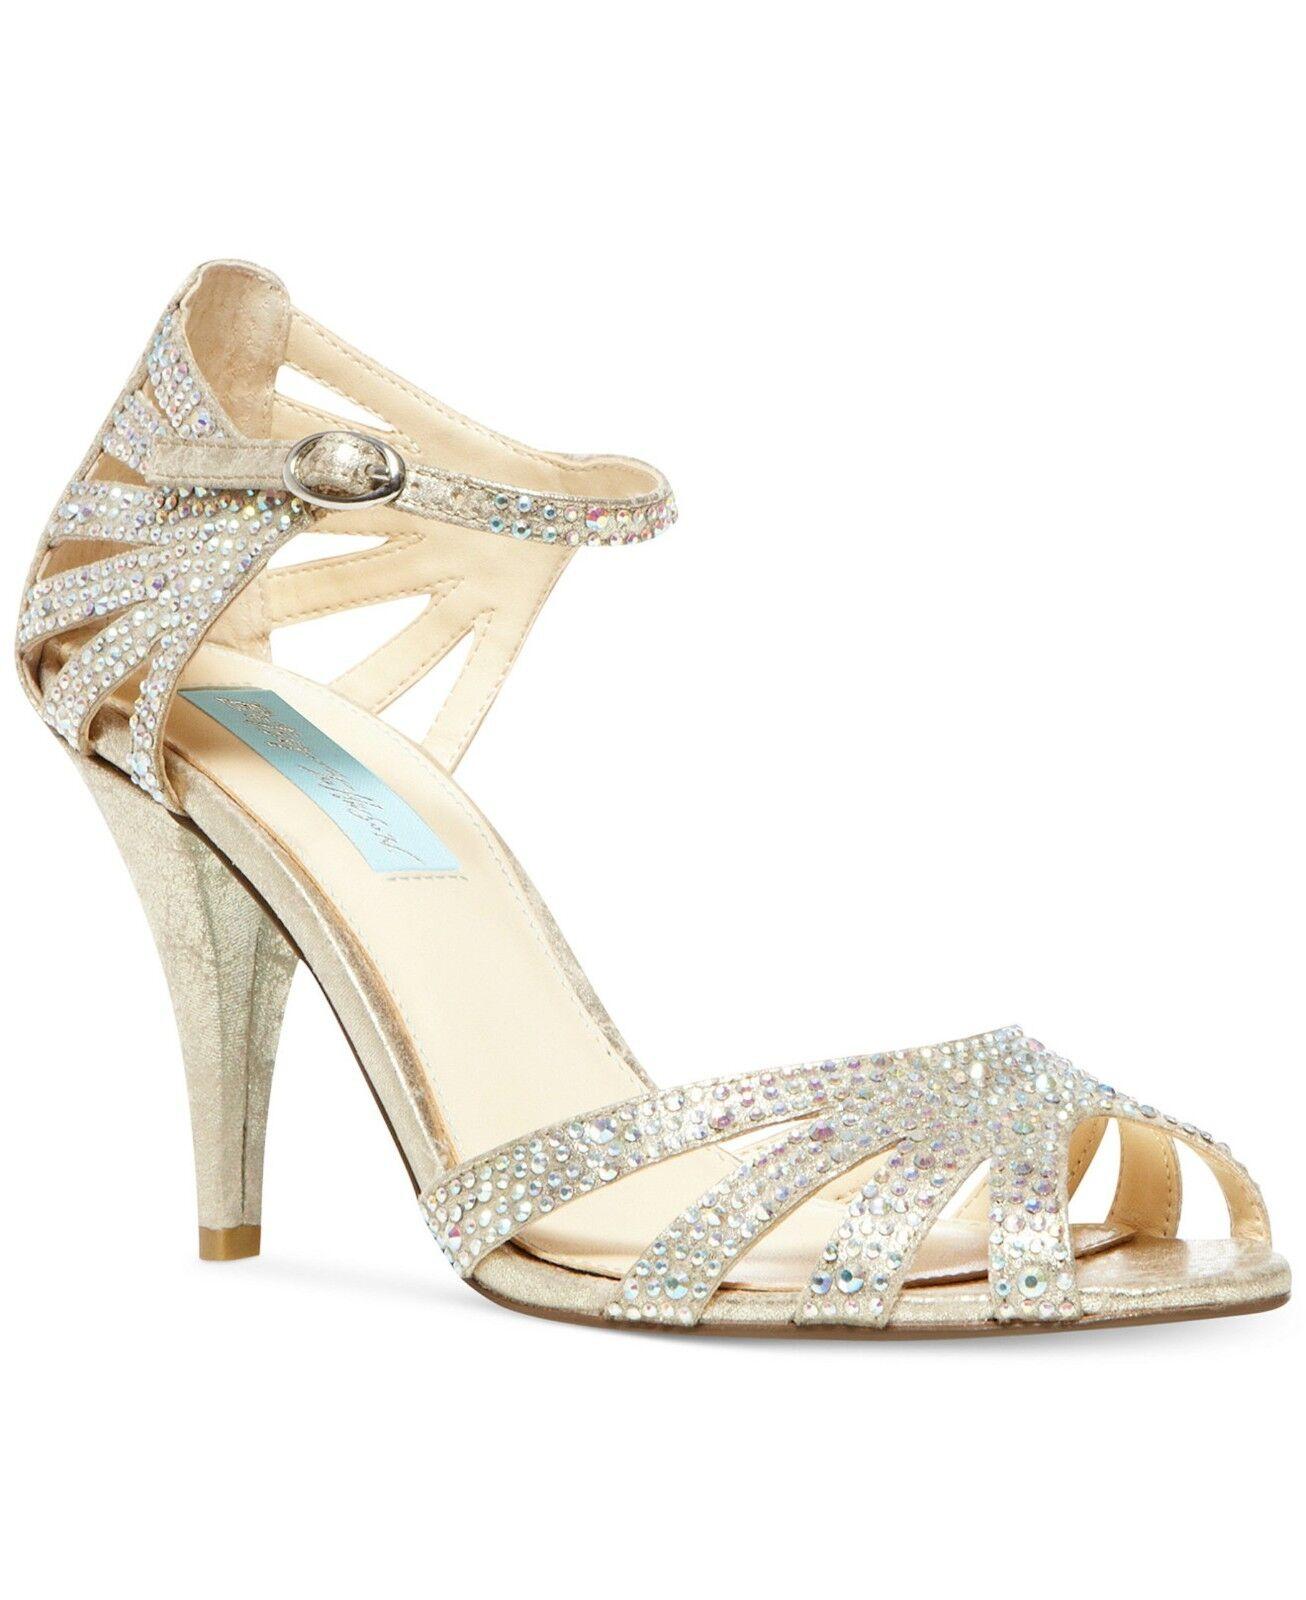 Blå av Betsey Johnson Sweet Rhinestone Embellieshed Evening Open Open Open Toe Sandals ny  stor rabatt